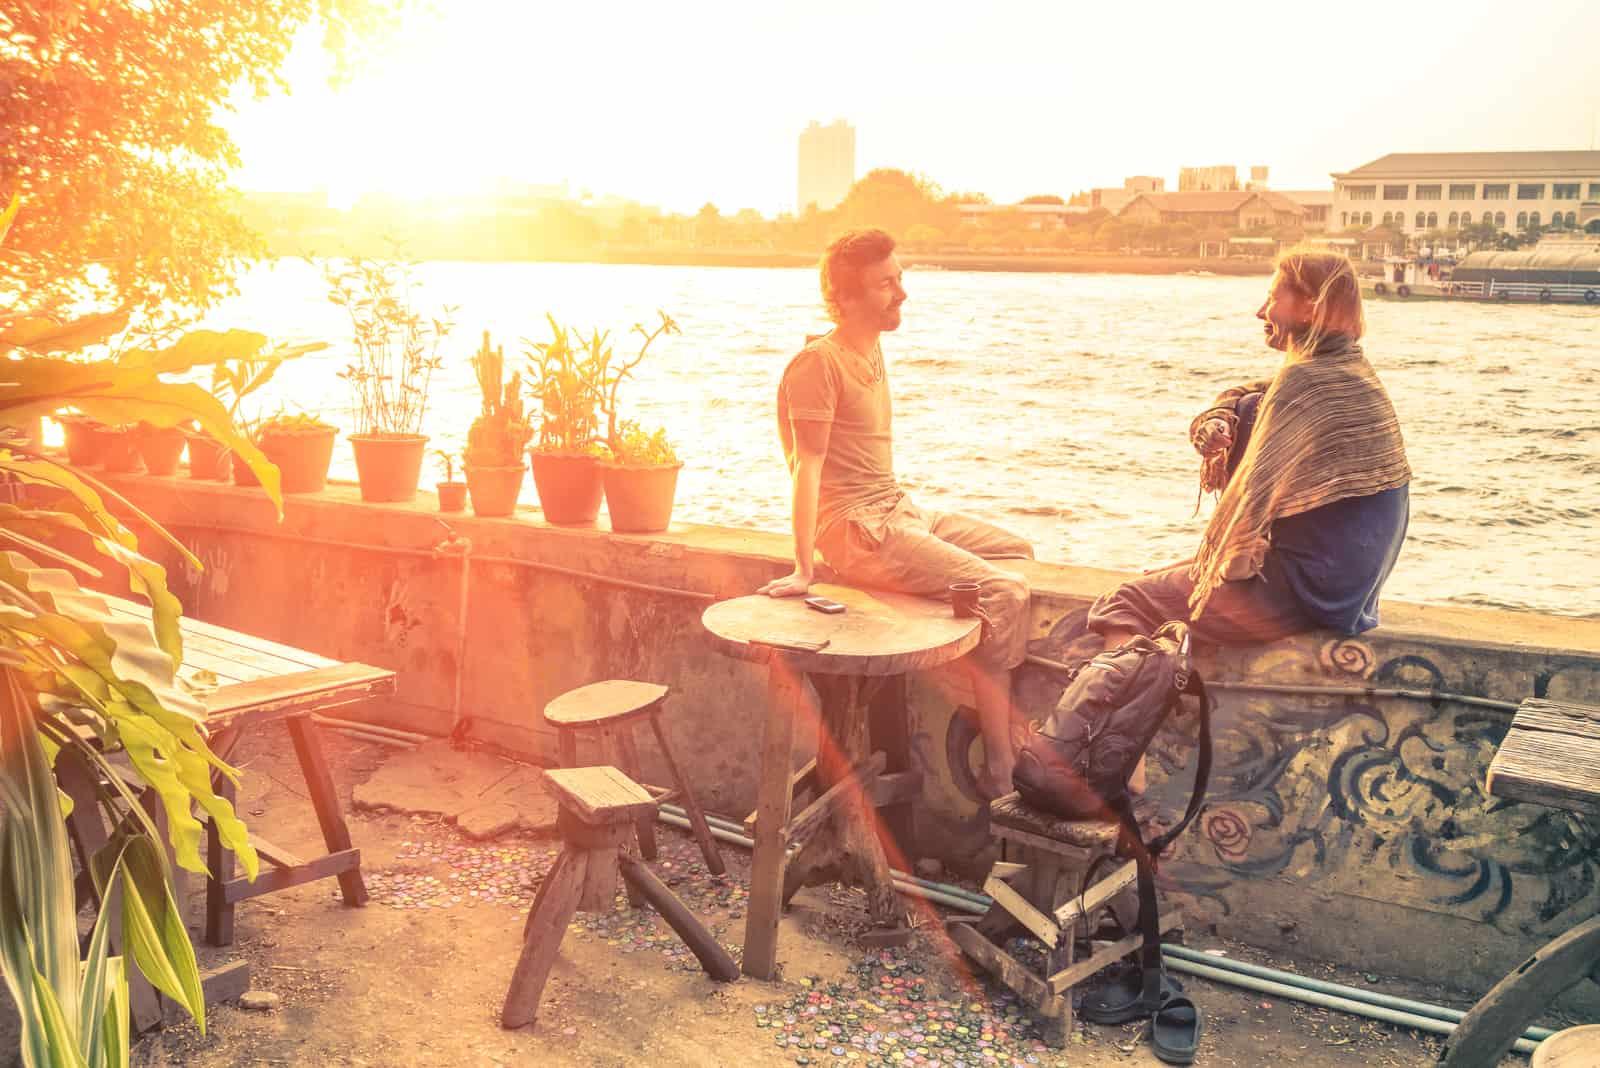 un homme et une femme s'assoient sur le dos et parlent